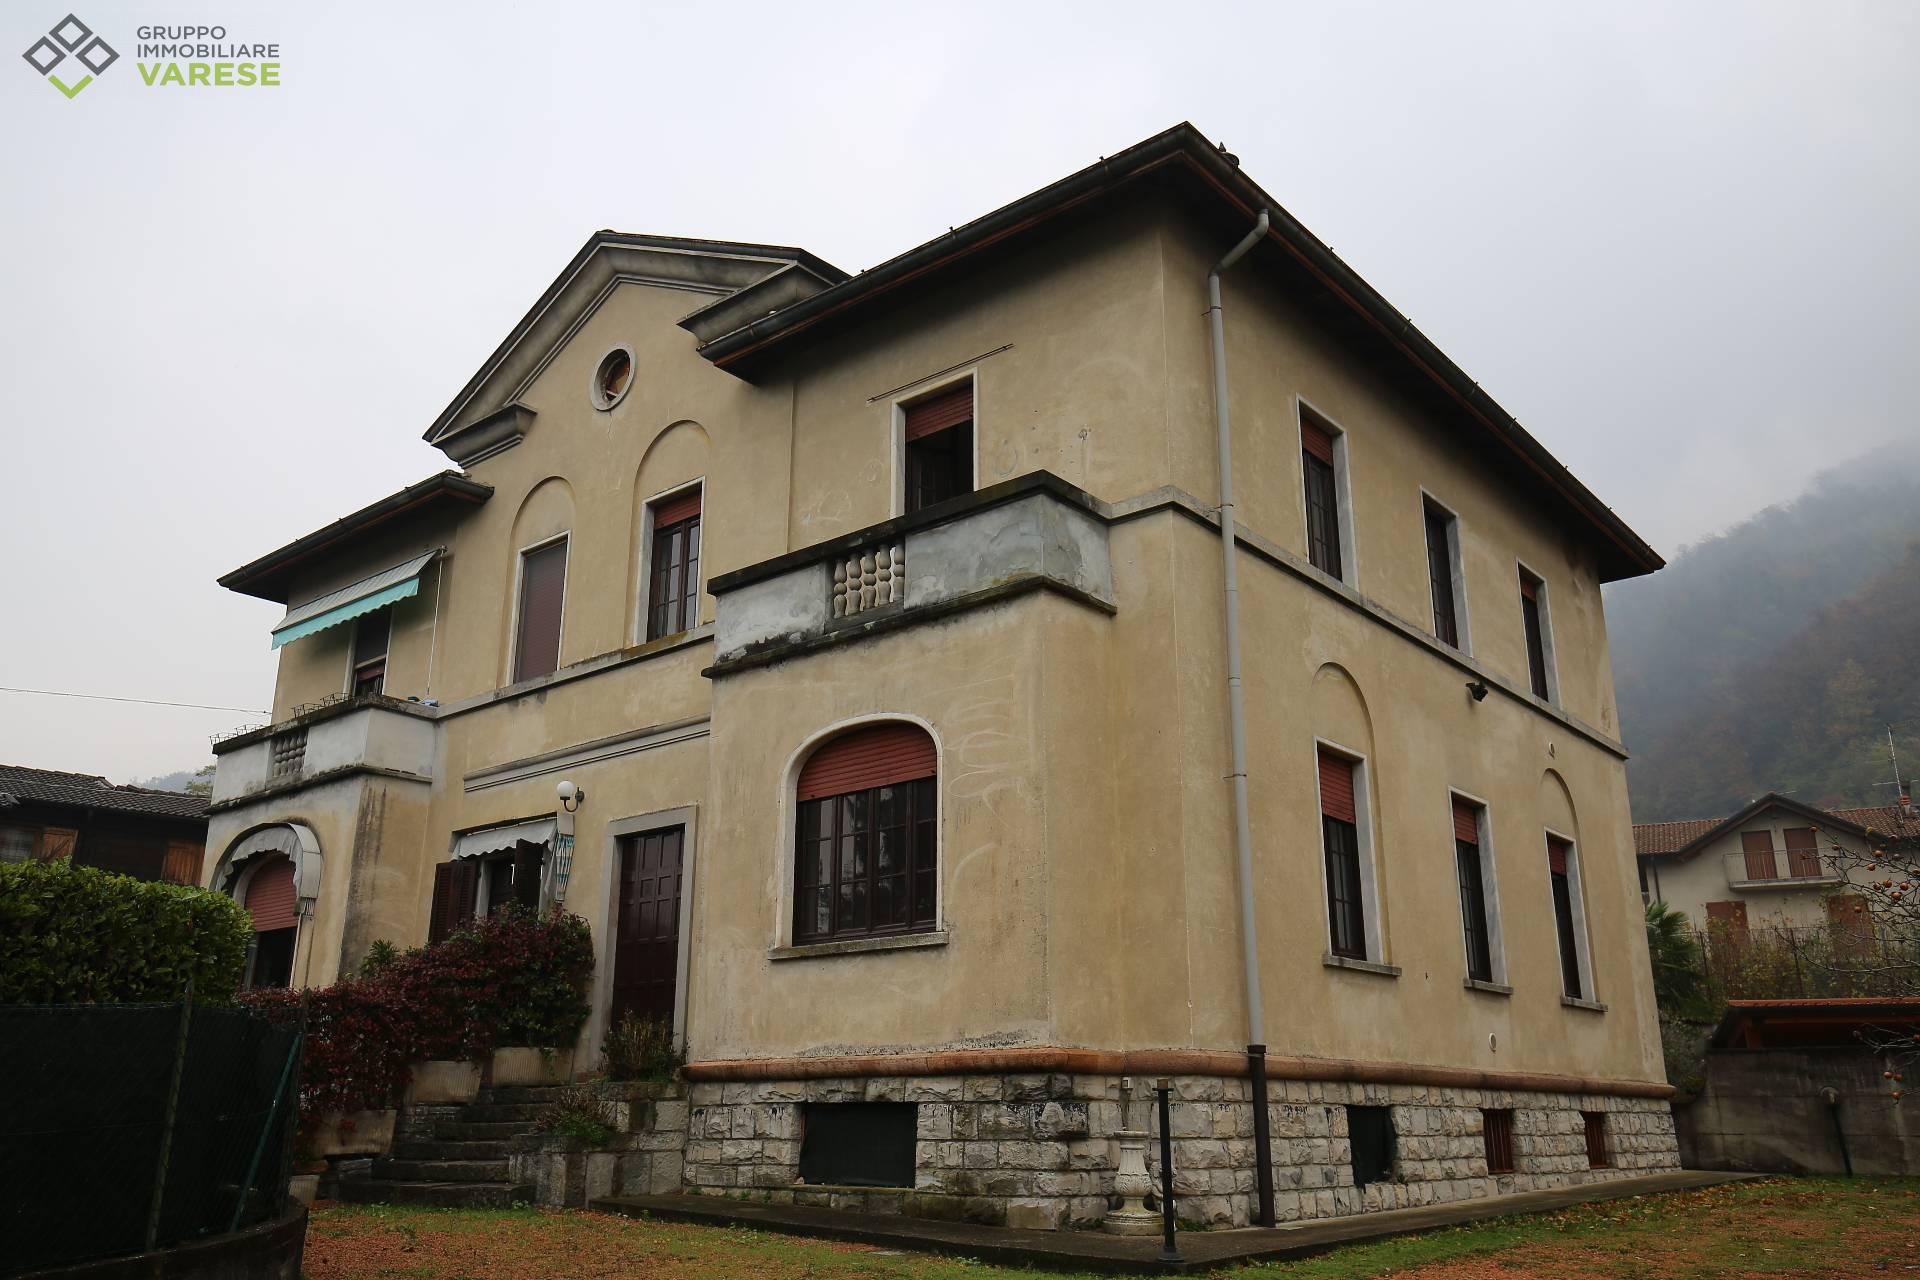 Appartamento in vendita a Porto Ceresio, 3 locali, prezzo € 230.000 | CambioCasa.it